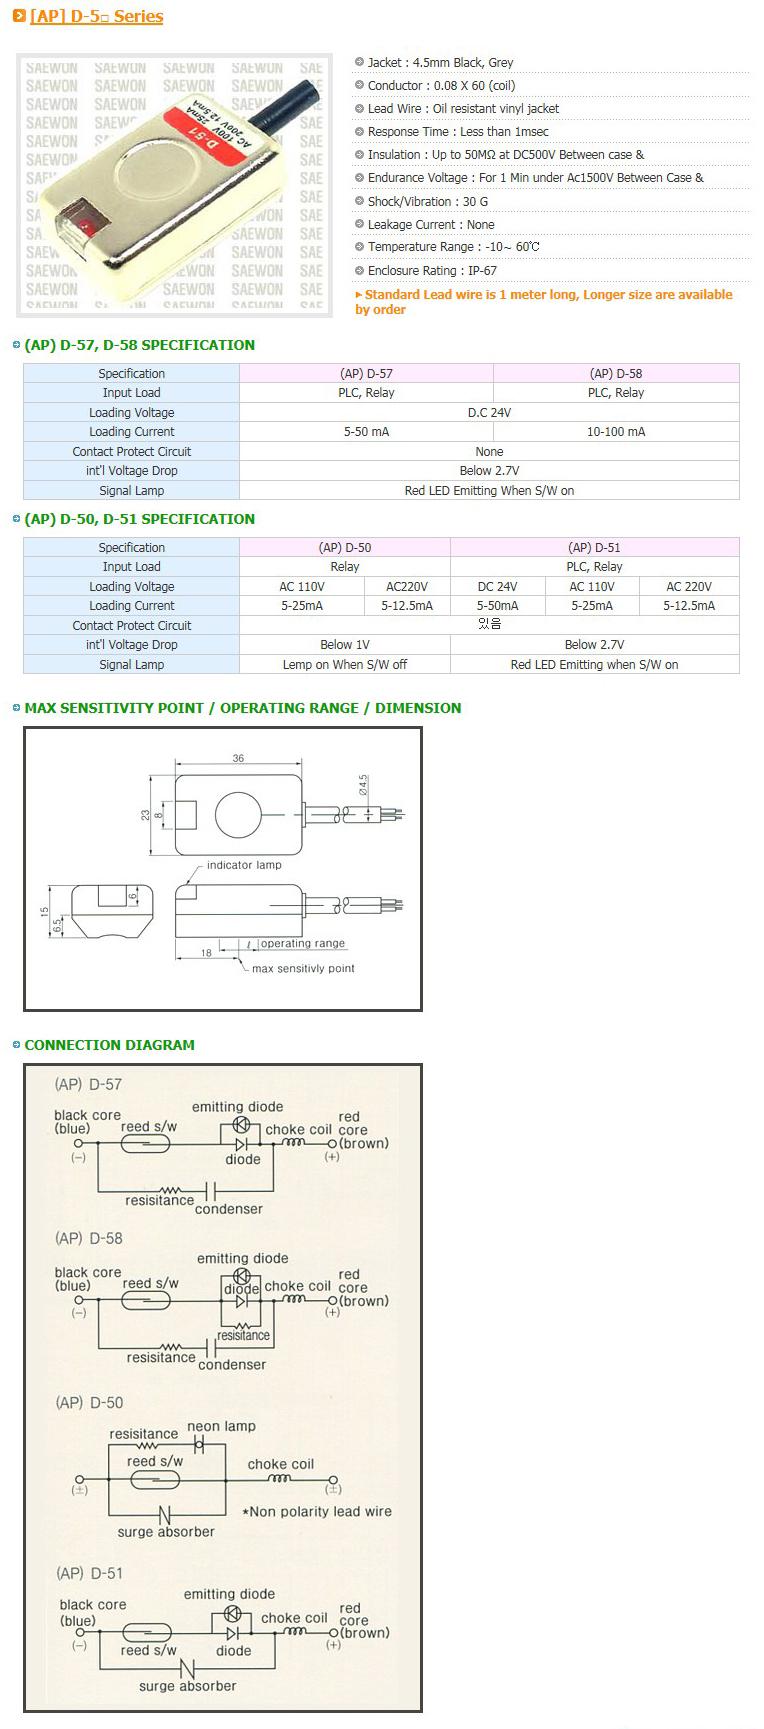 Saewon Electronics DSC AP D-5 Series